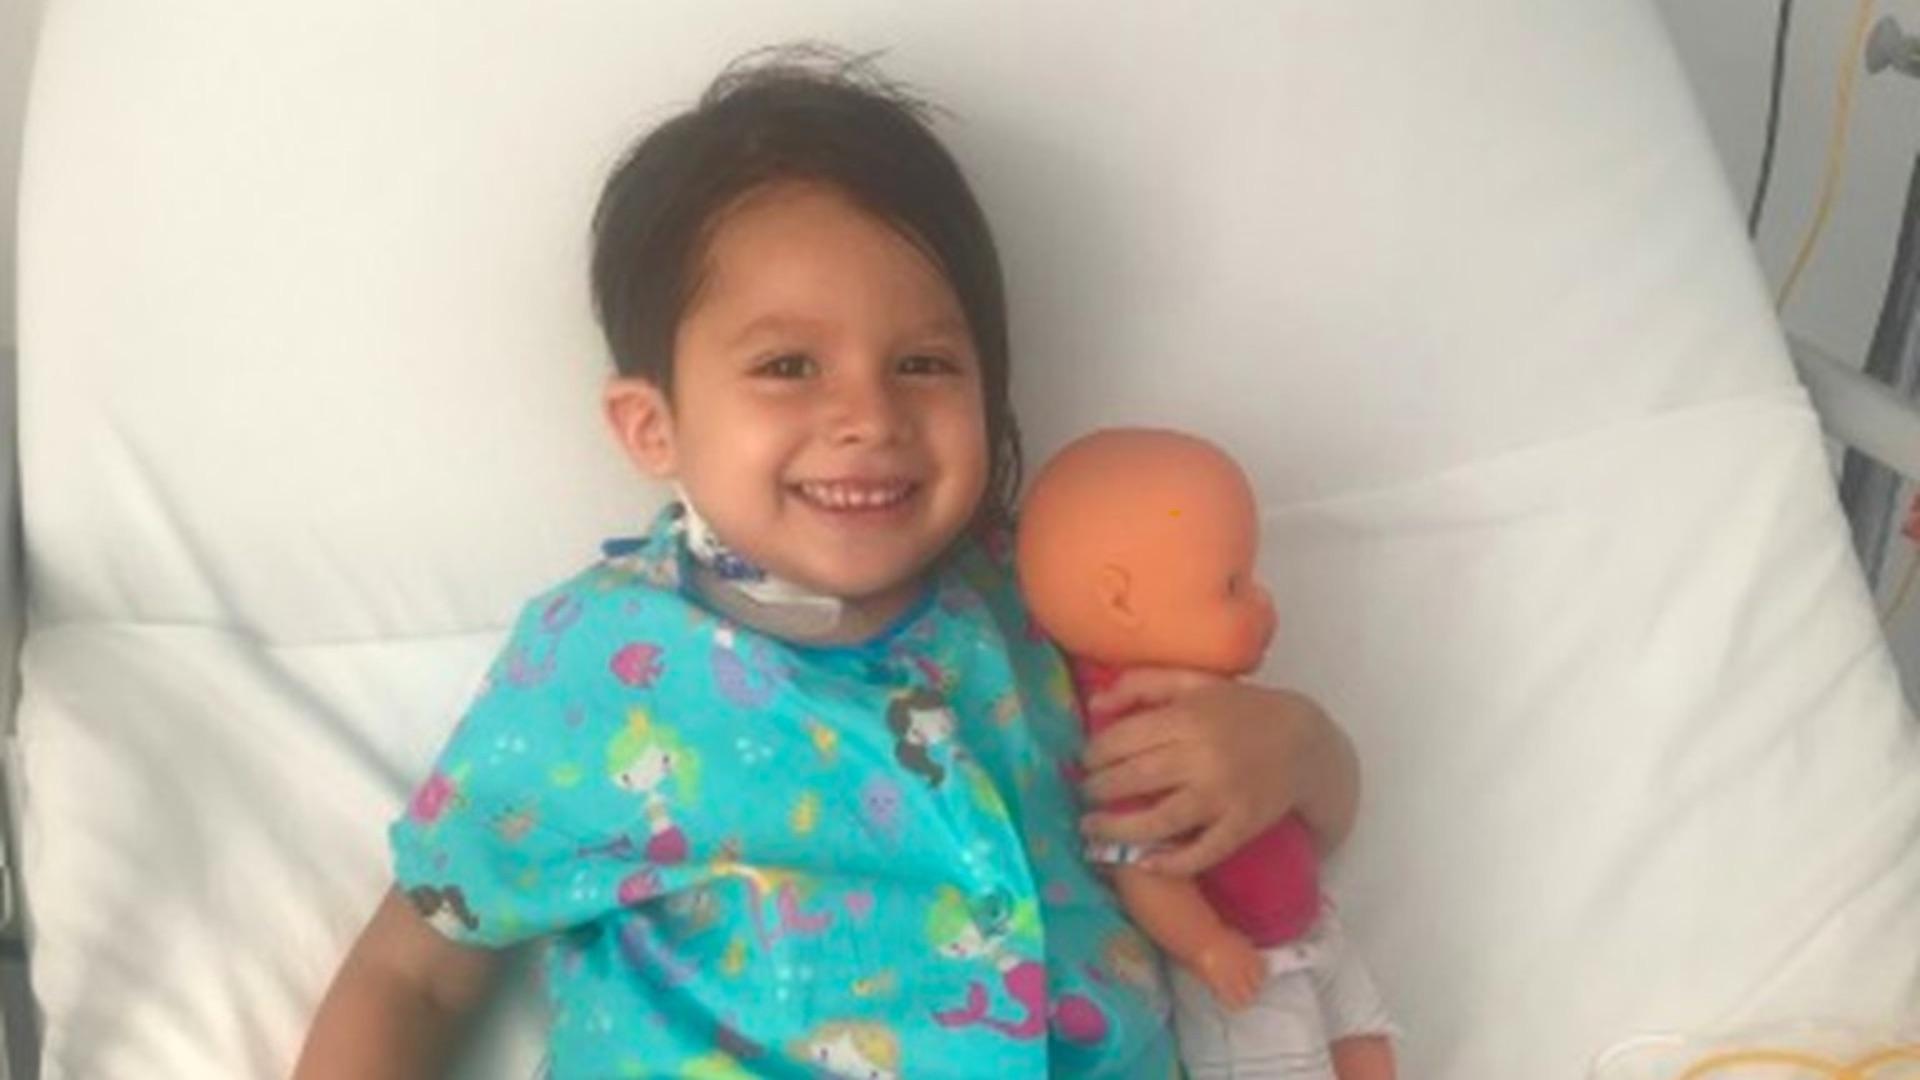 Por falta de medicamentos en México viajó a Suiza para recibir tratamiento, pero la menor murió